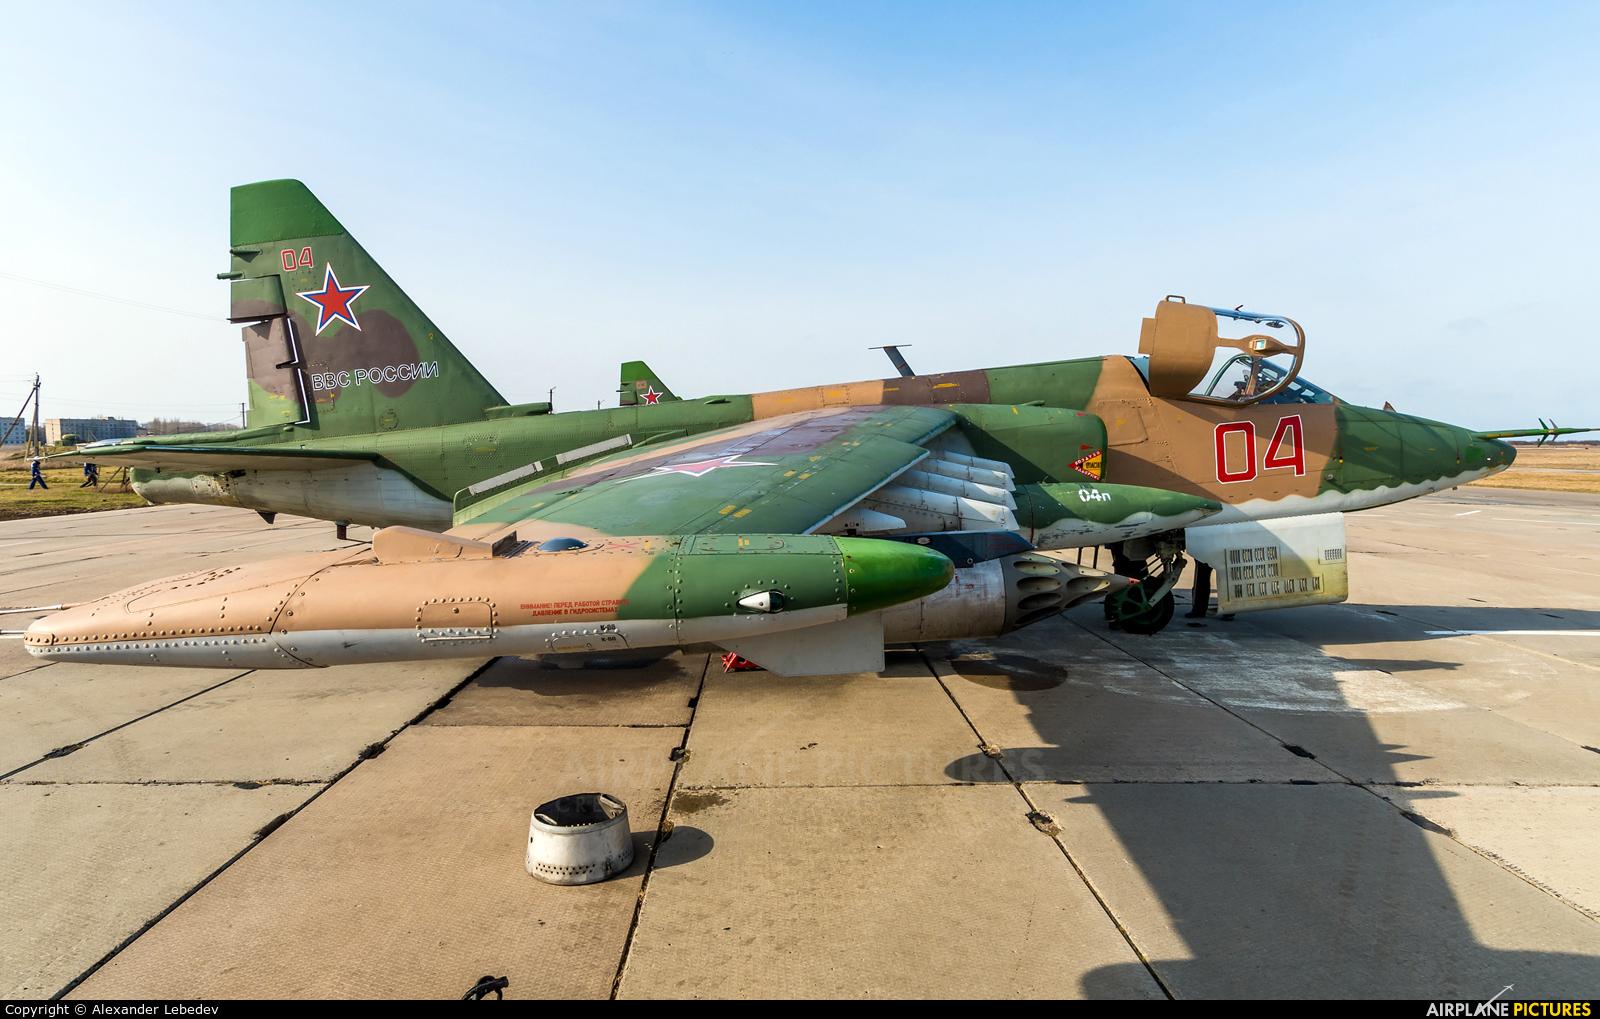 Russia - Air Force 04 aircraft at Primorsko-Akhtarsk